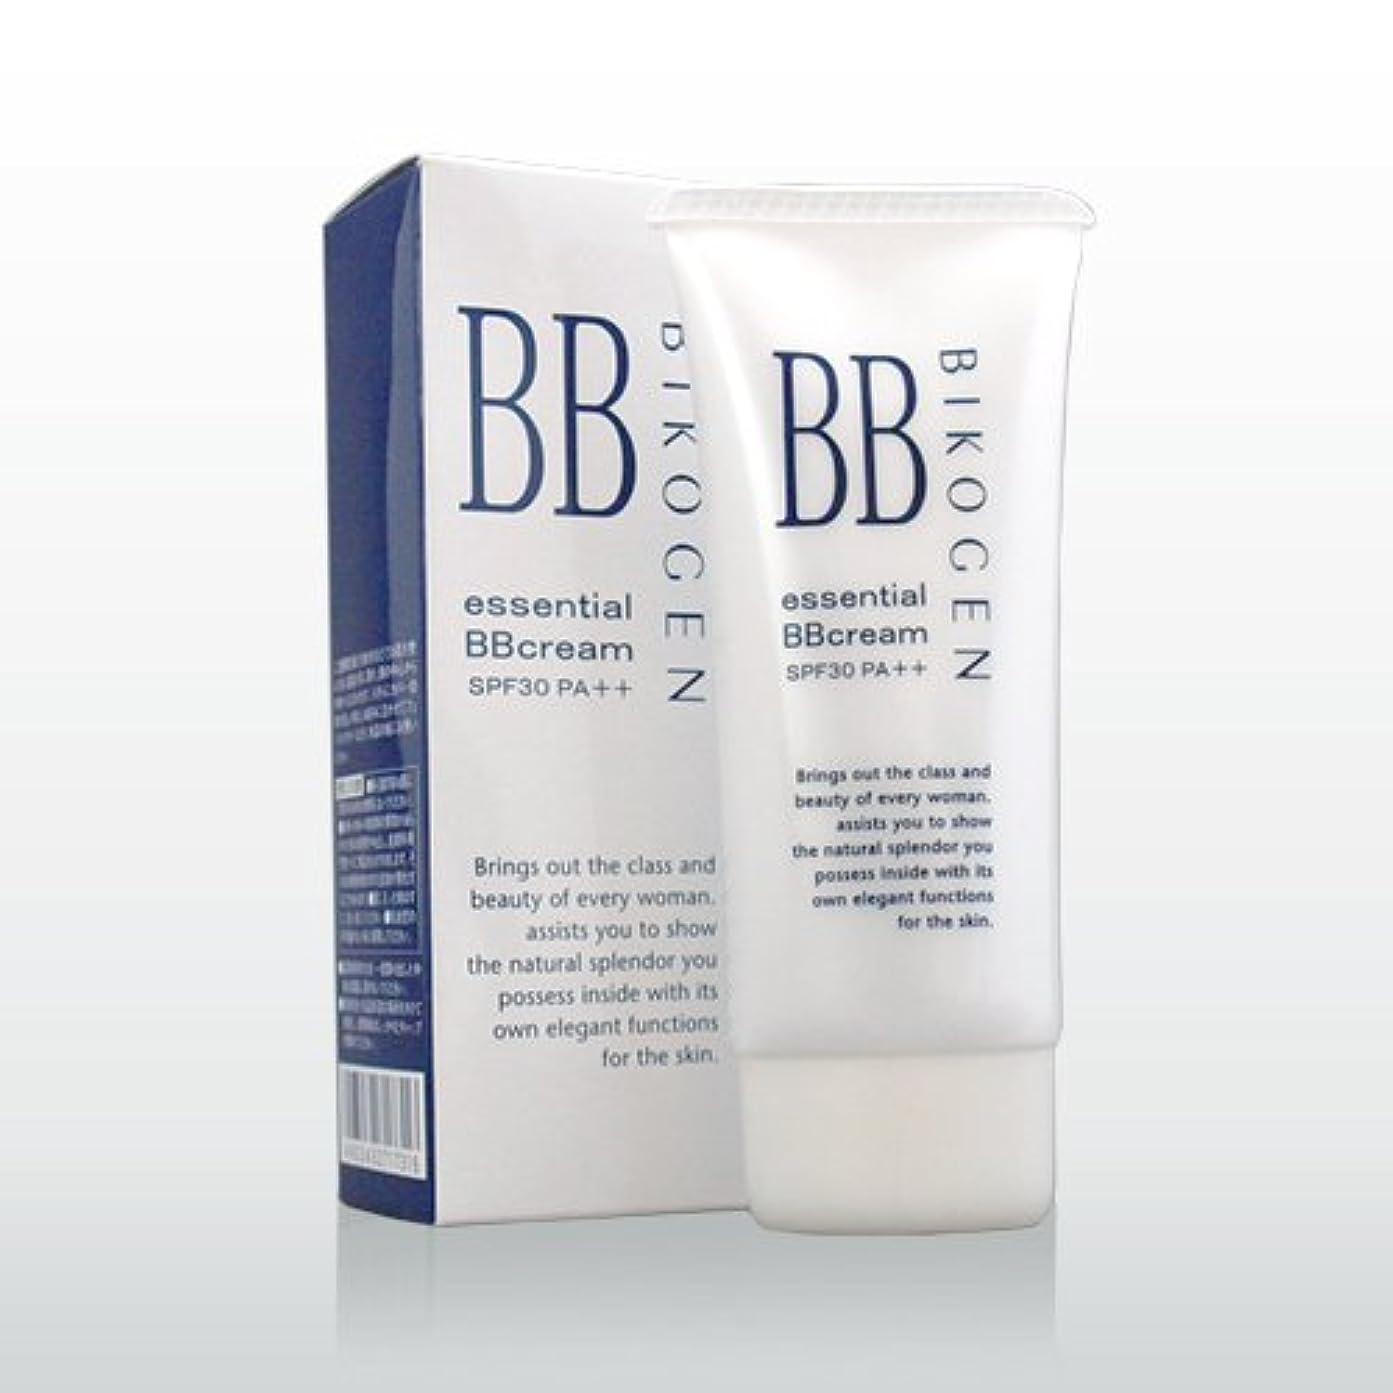 の前で減らす補体ビコーゲン エッセンシャルBBクリーム40g(ナチュラル)